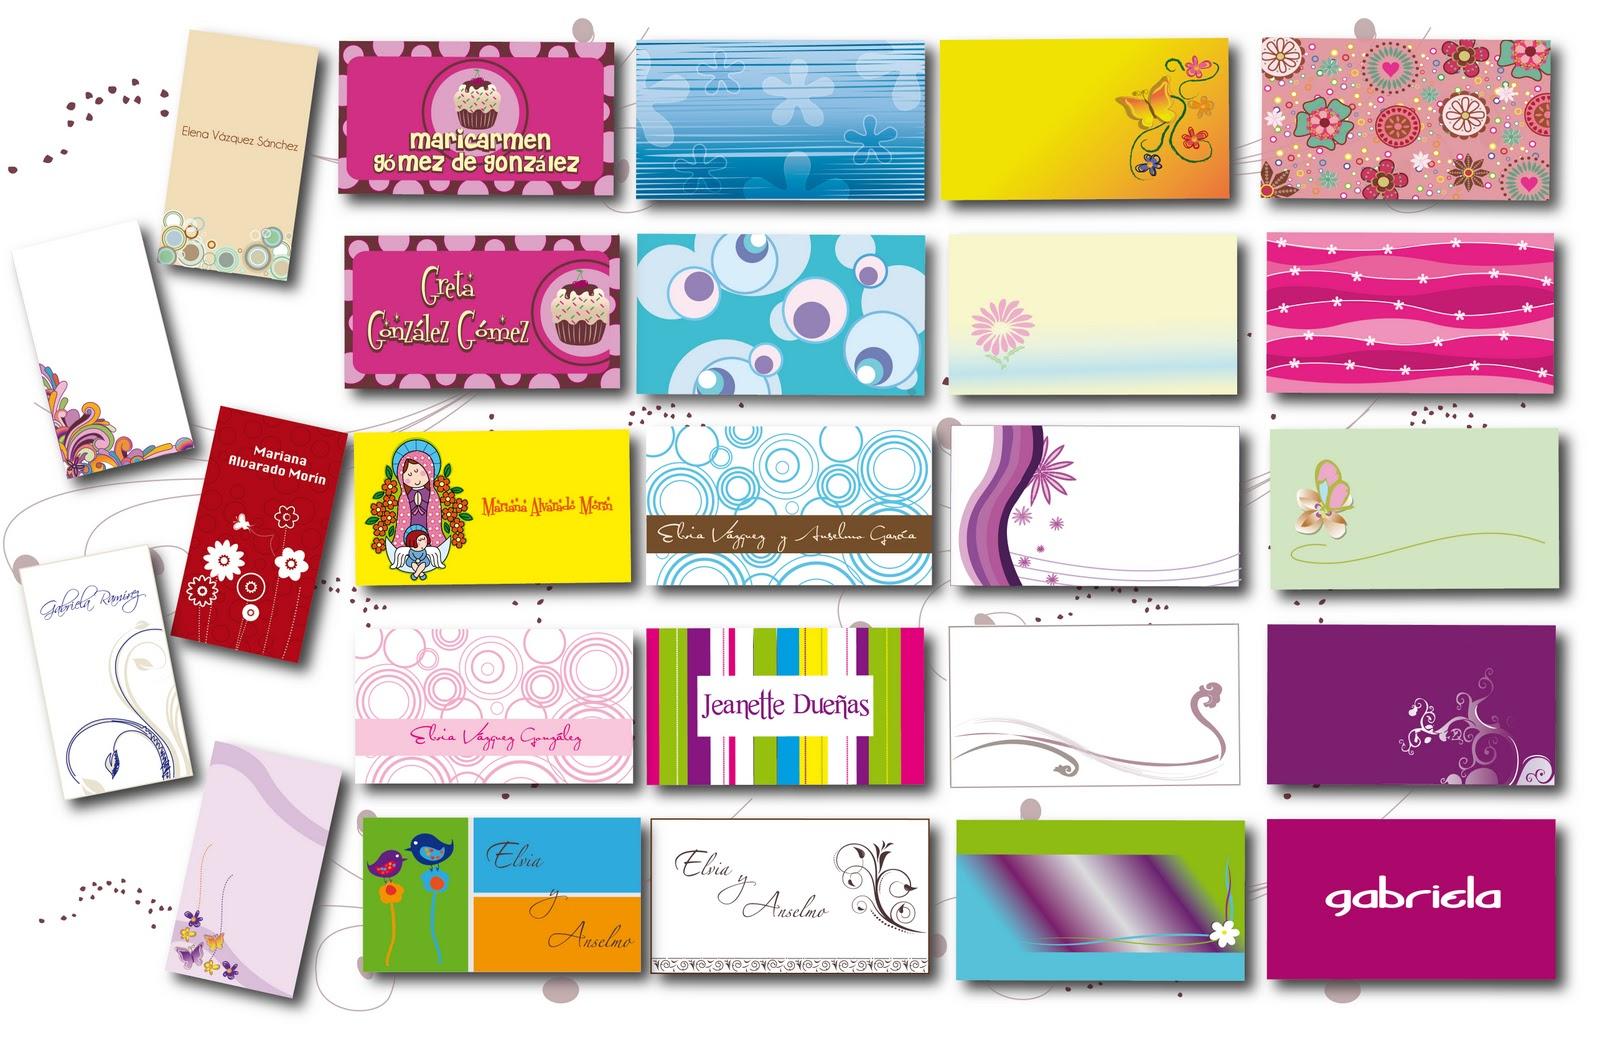 Some of my Designing: Tarjetas de presentación